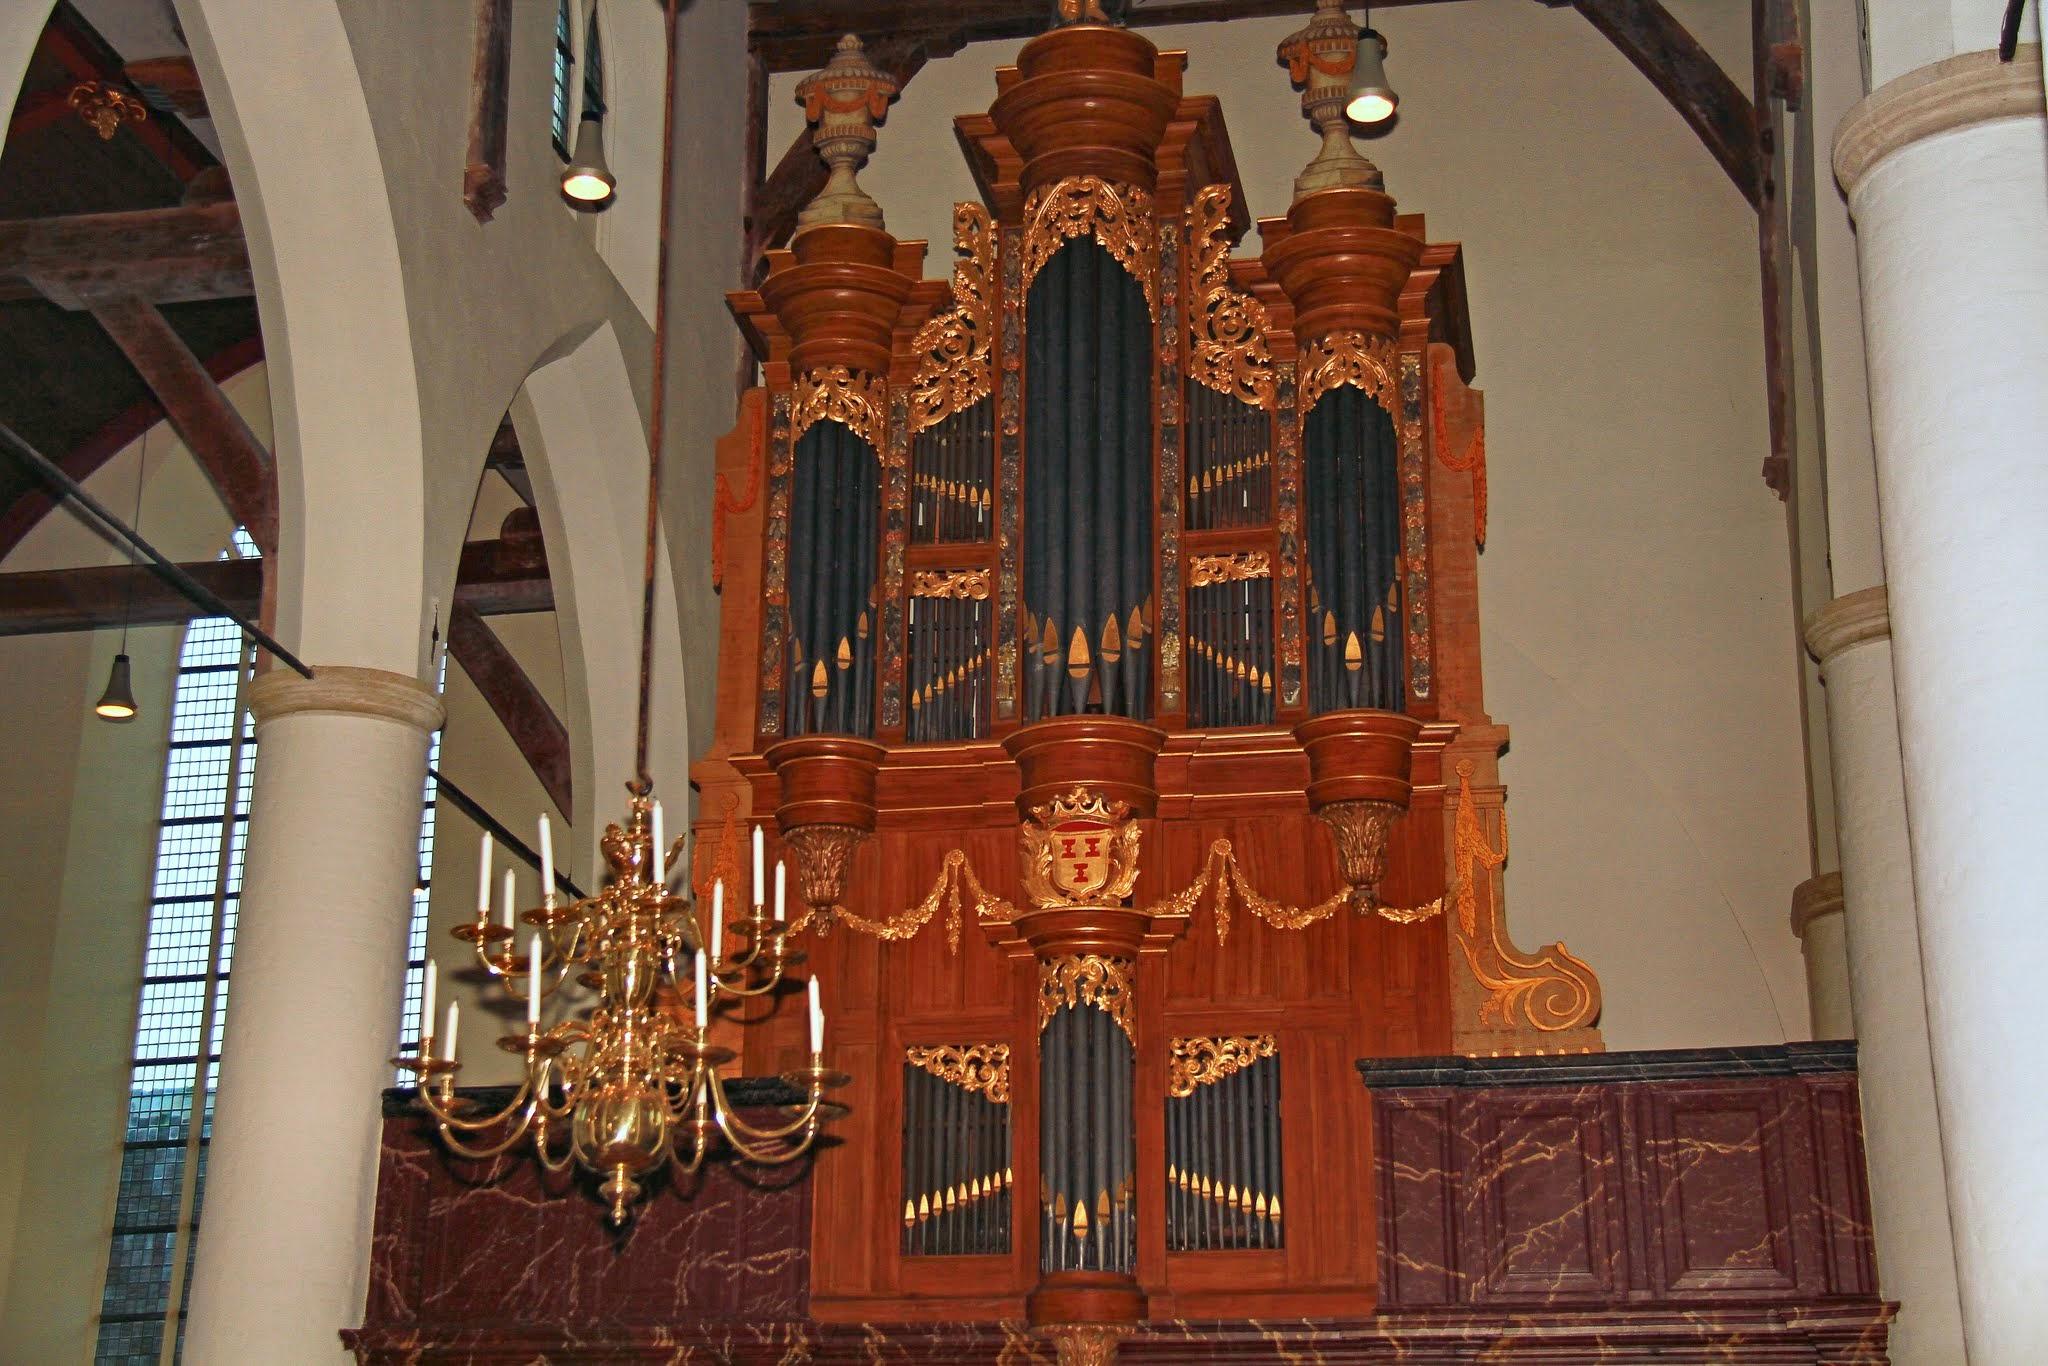 Photo: Foto's van het orgelconcert op beide orgels van de Grote of Barbarakerk te Culemborg op 5 september 2014 door Marijn Slappendel, voorafgaand aan de presentatie van zijn CD 'Klaarlicht'. Dit is het Verhofstadtorgel. Foto's: Dik Hooijer.